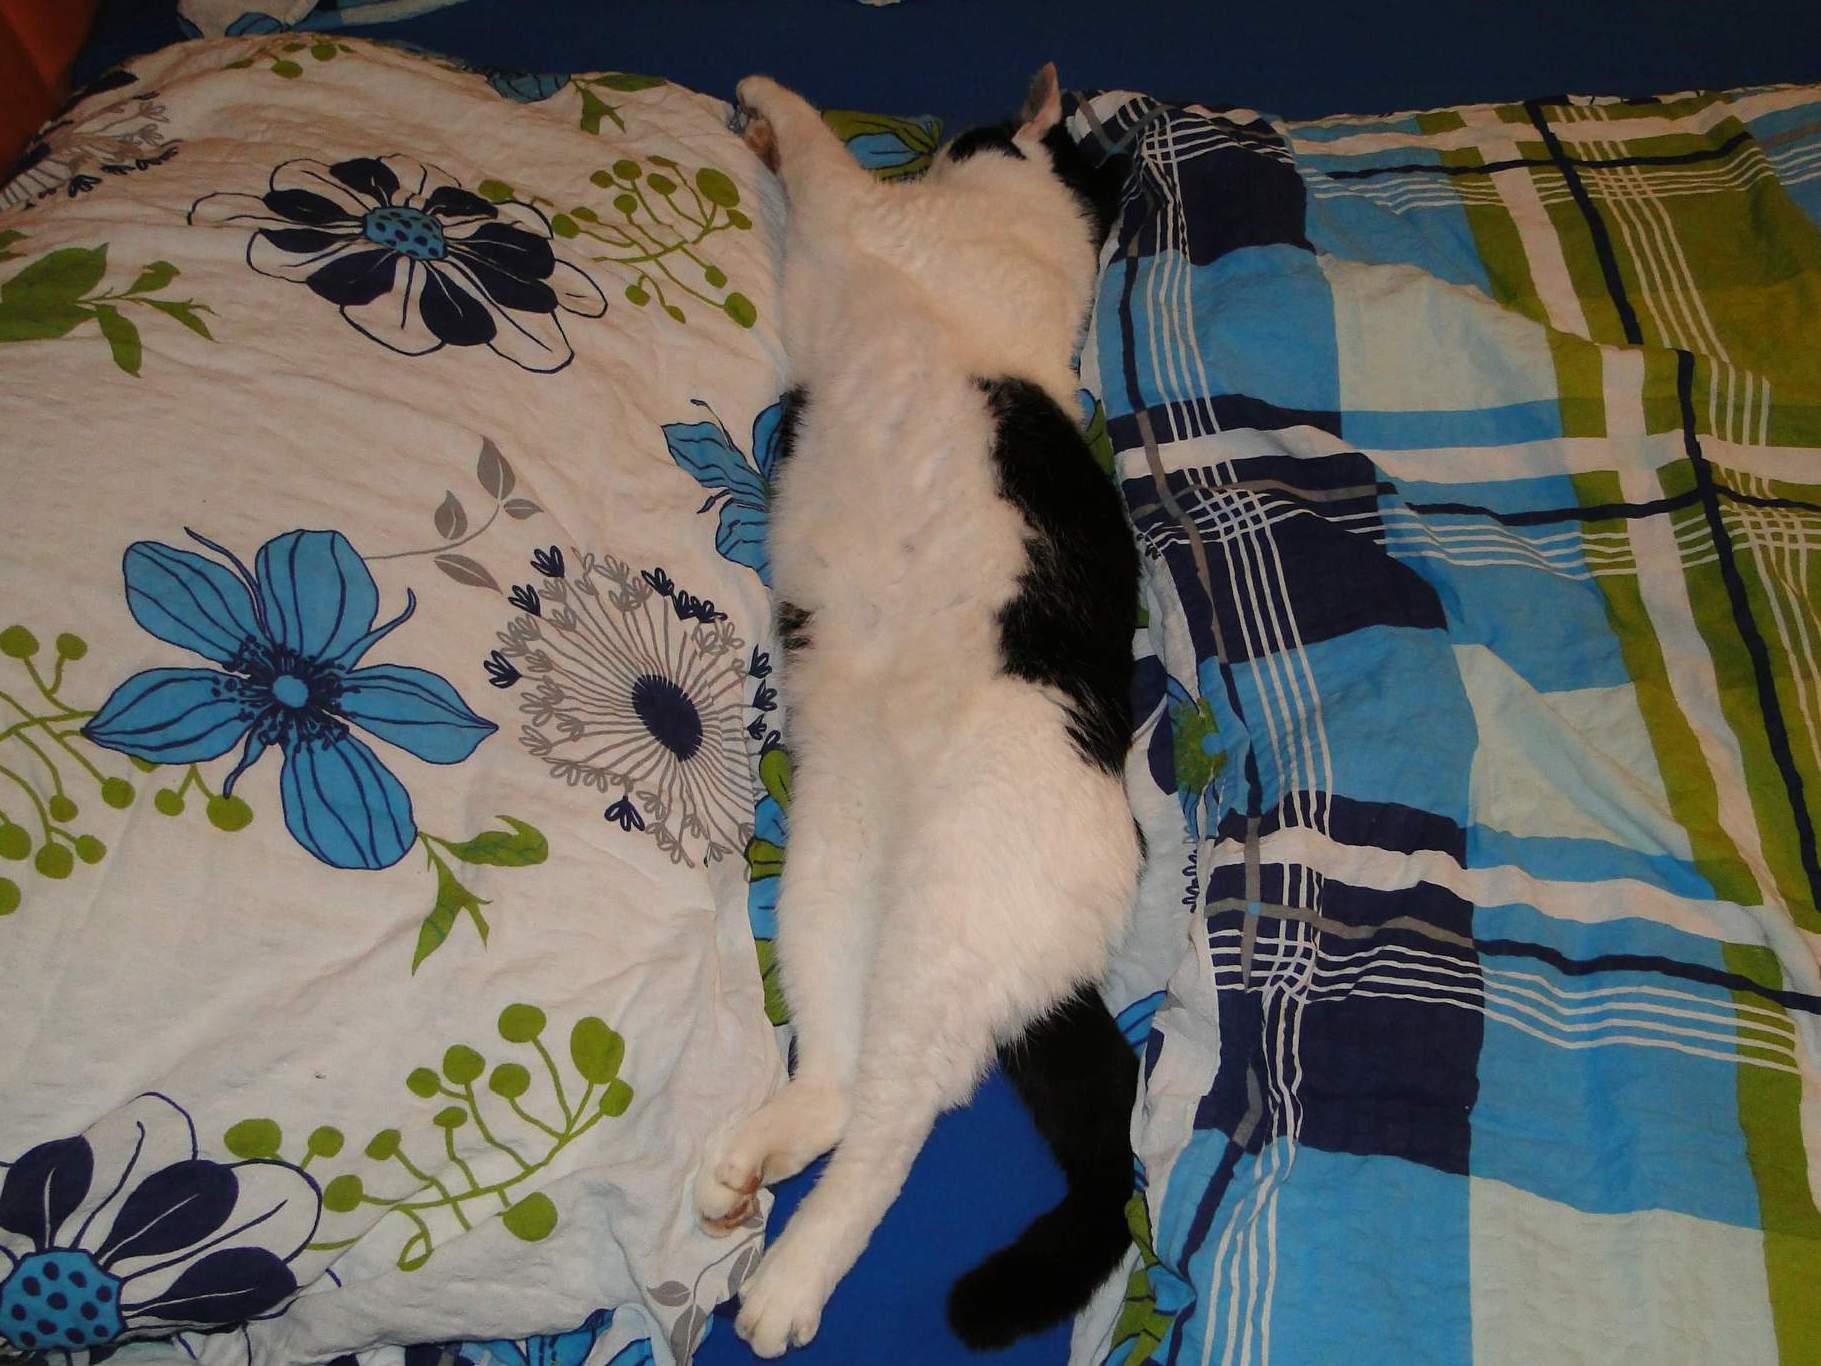 Hledejte kočku!:)) Maceška...